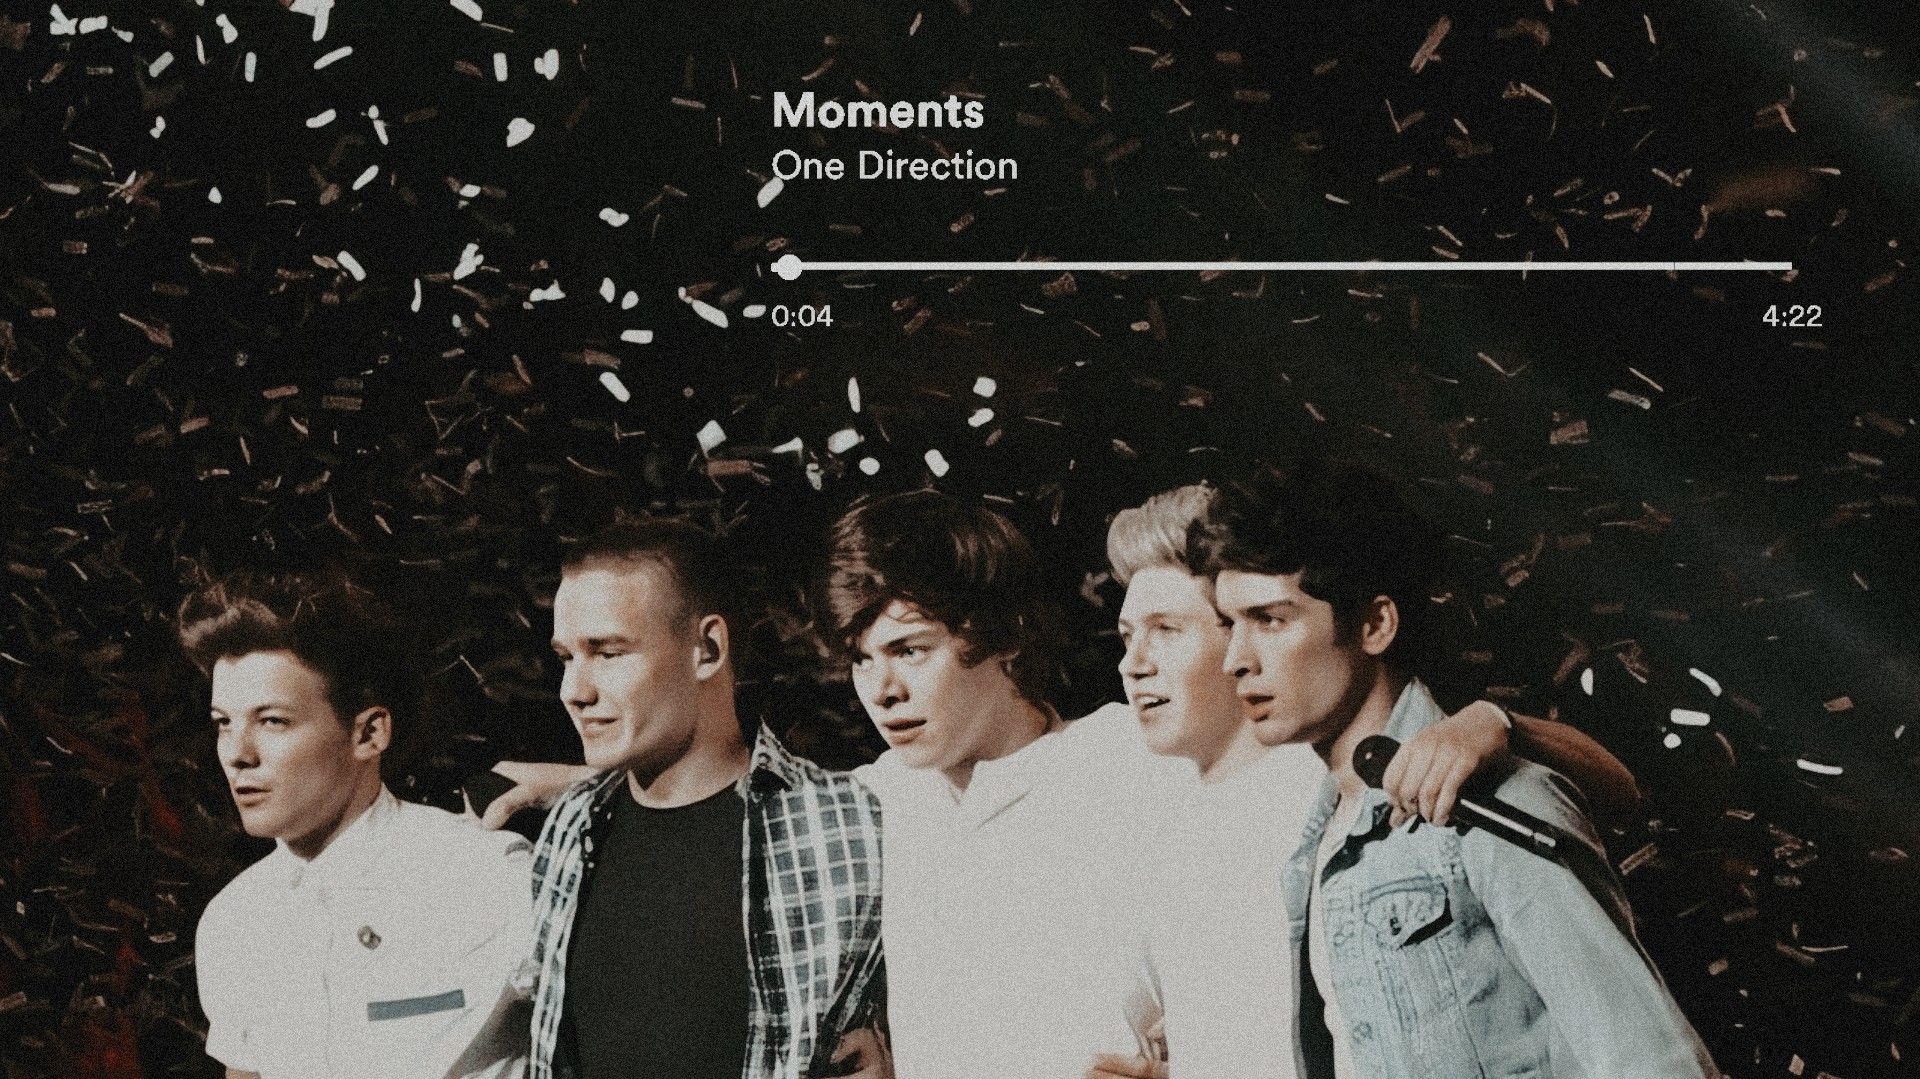 One Direction Wallpaper Pc Fondo De Pantalla De One Direction Fondos De Computadora Fondos Para Computadora